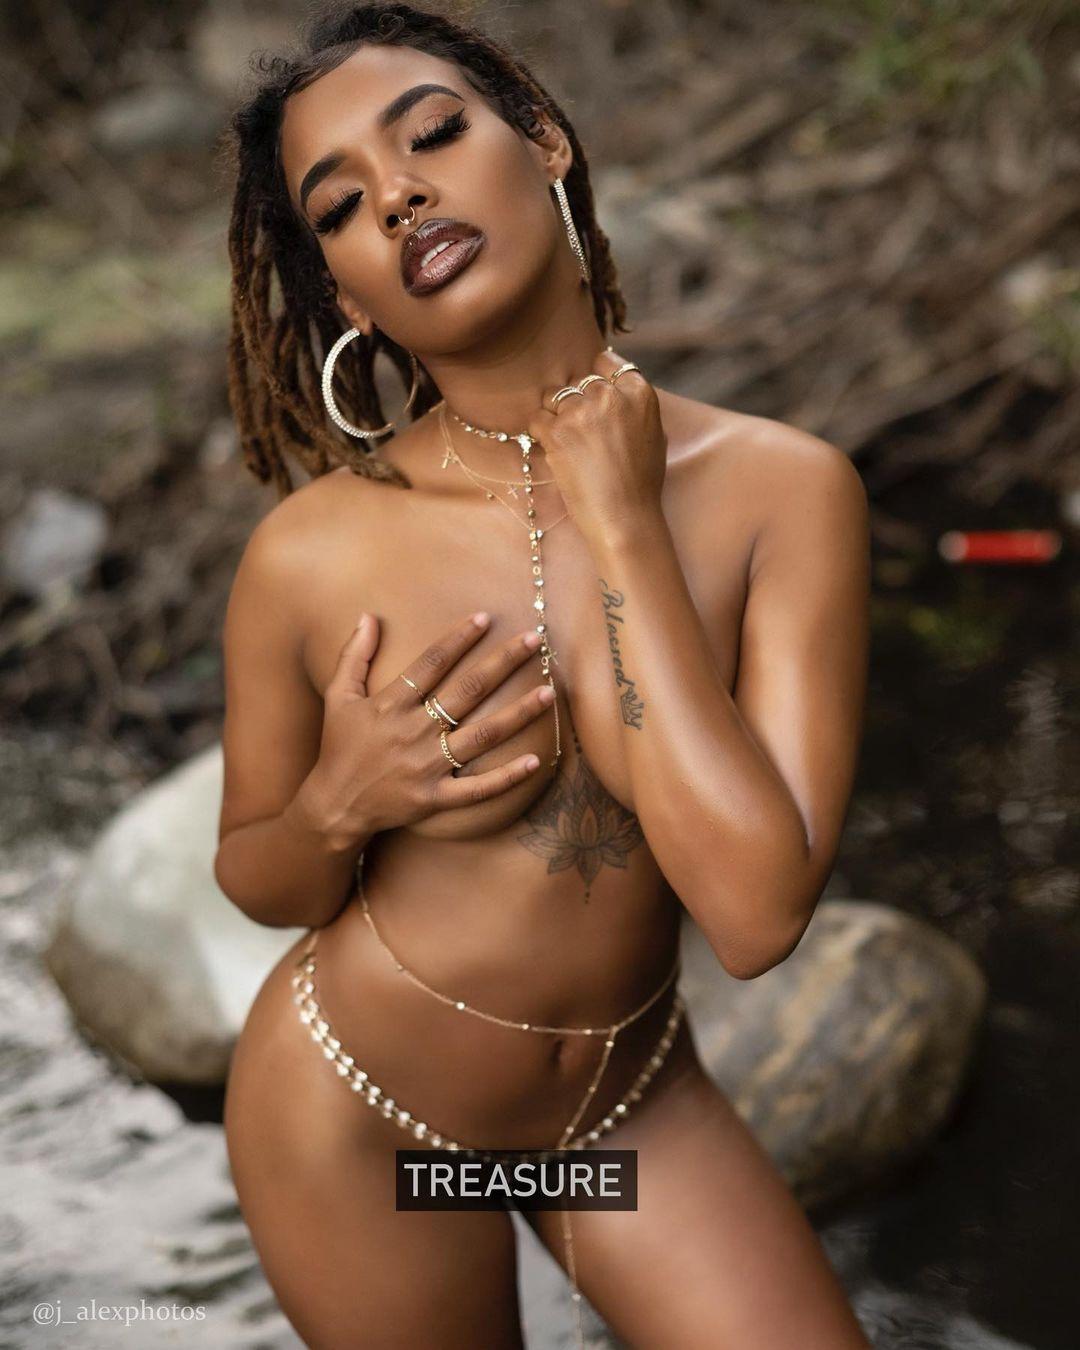 Ivoire-nude-treasure.jpg